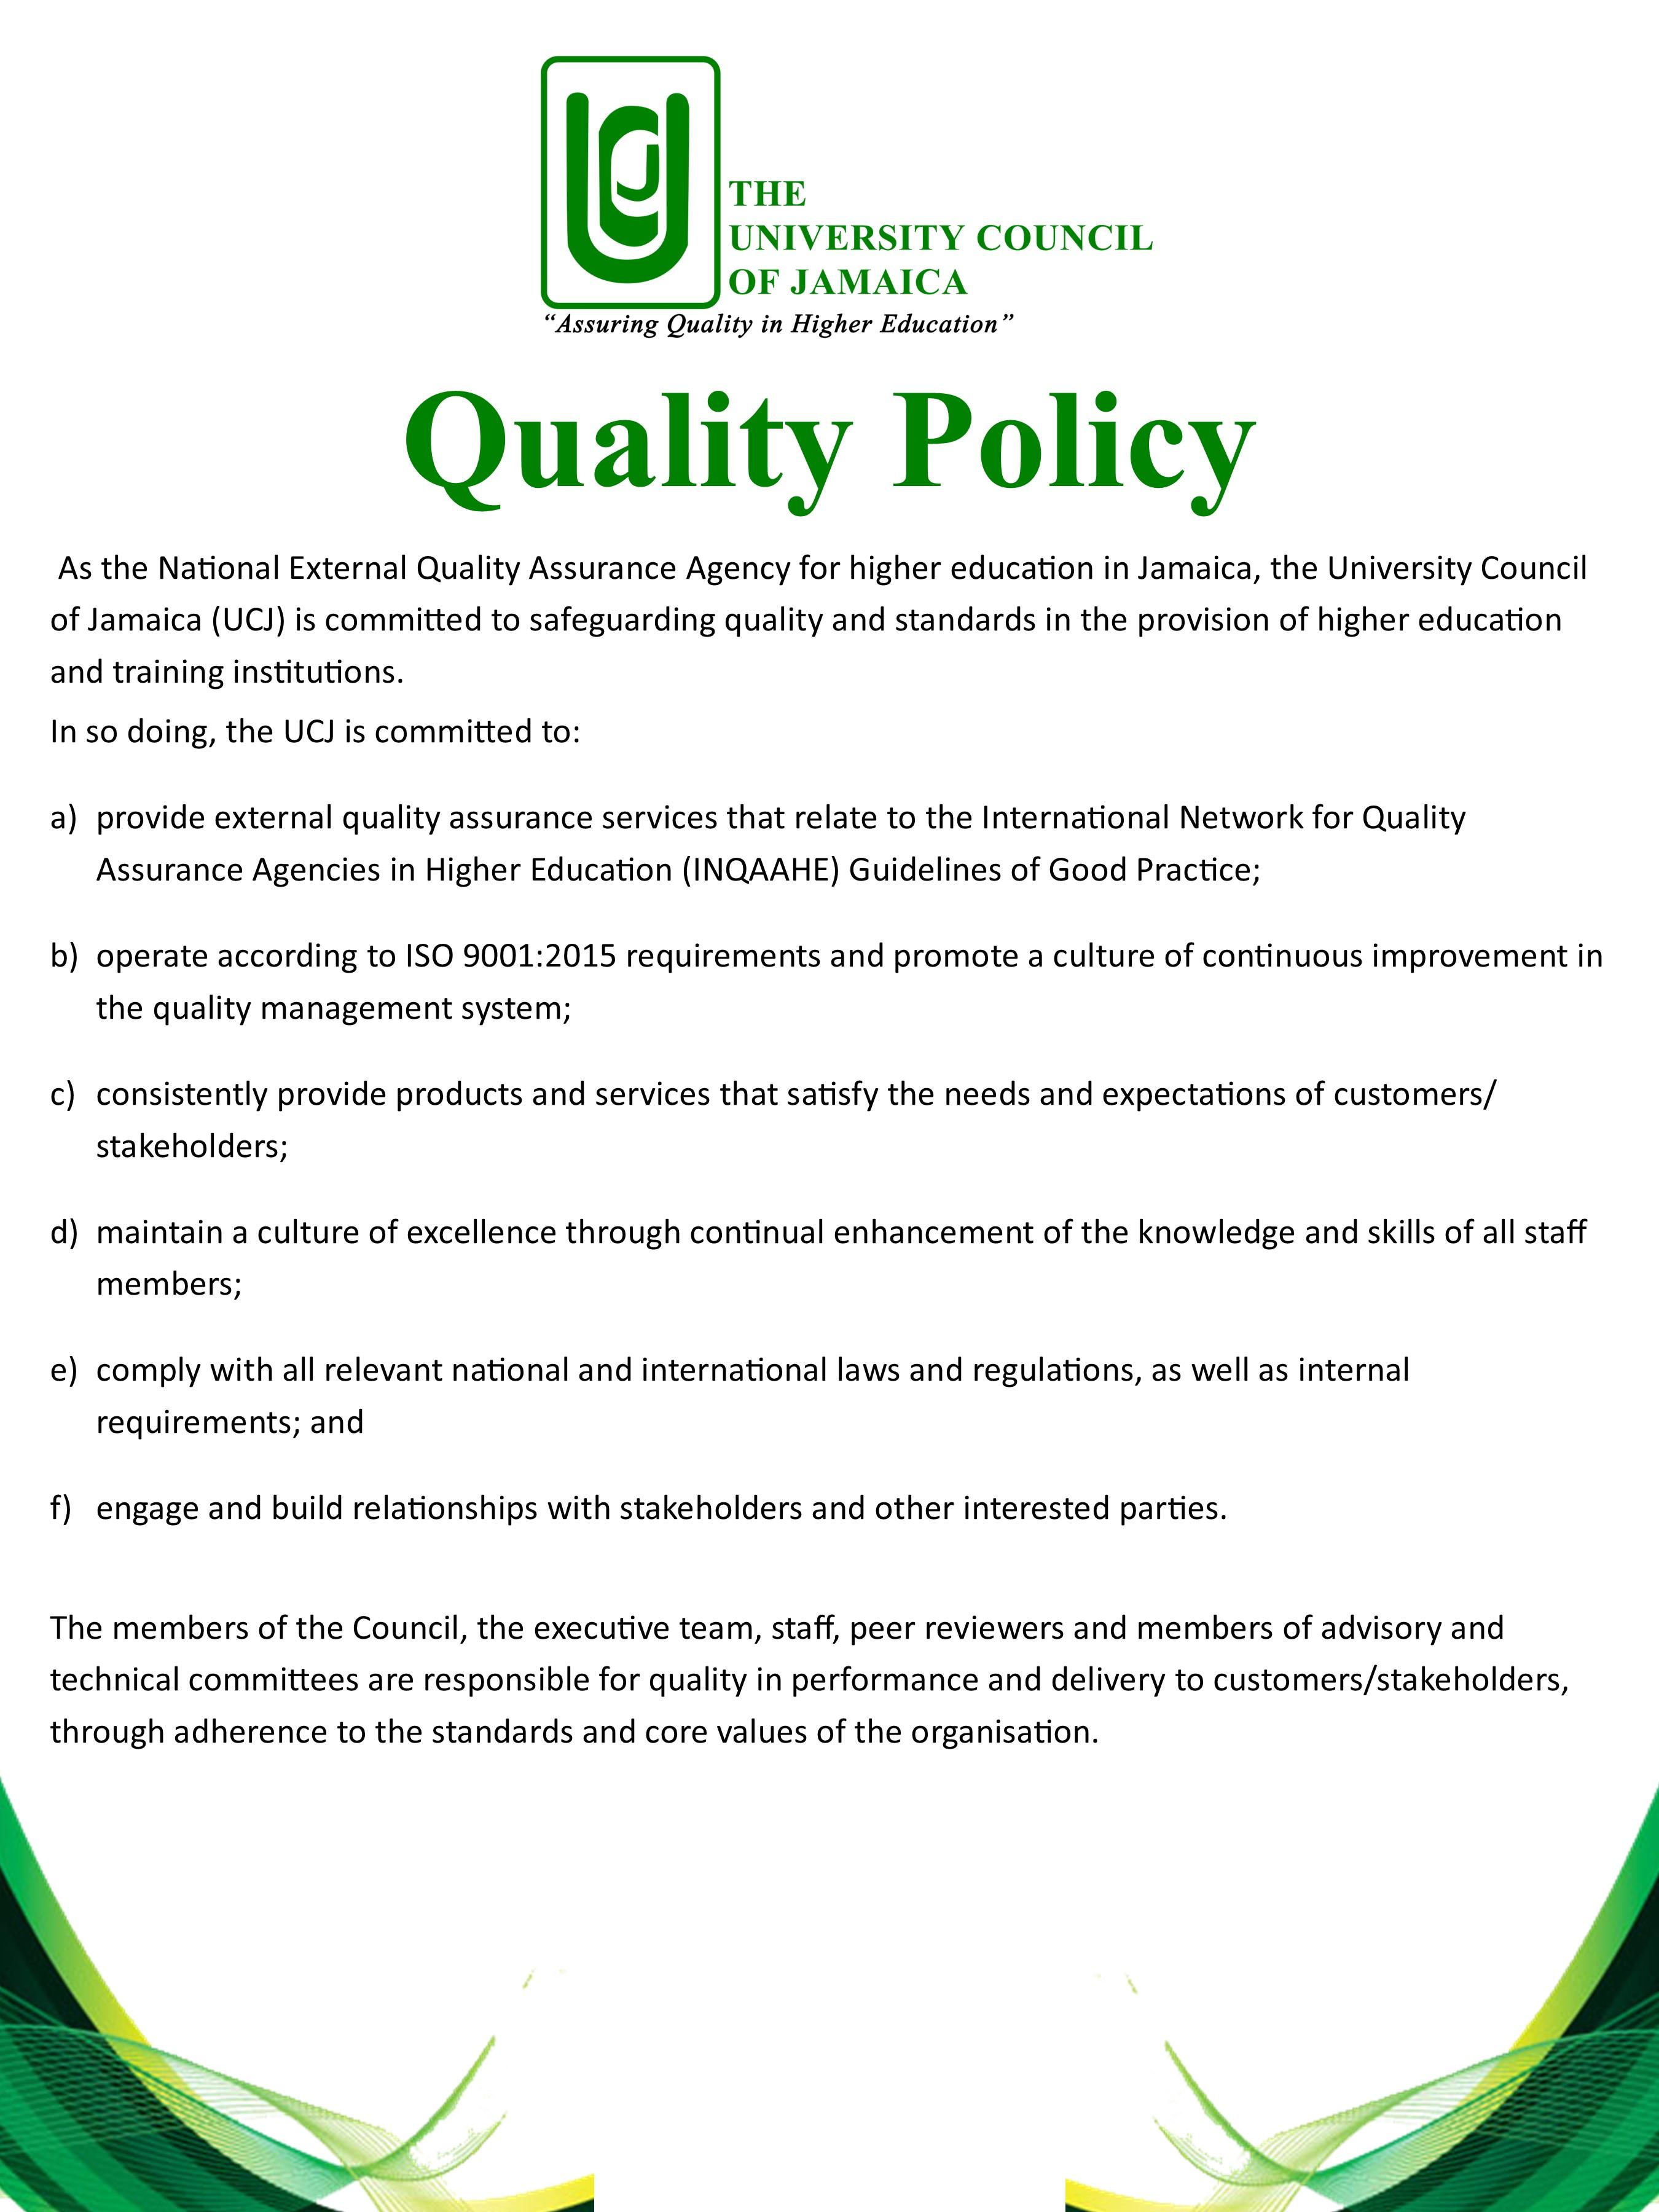 UCJ Quality Policy